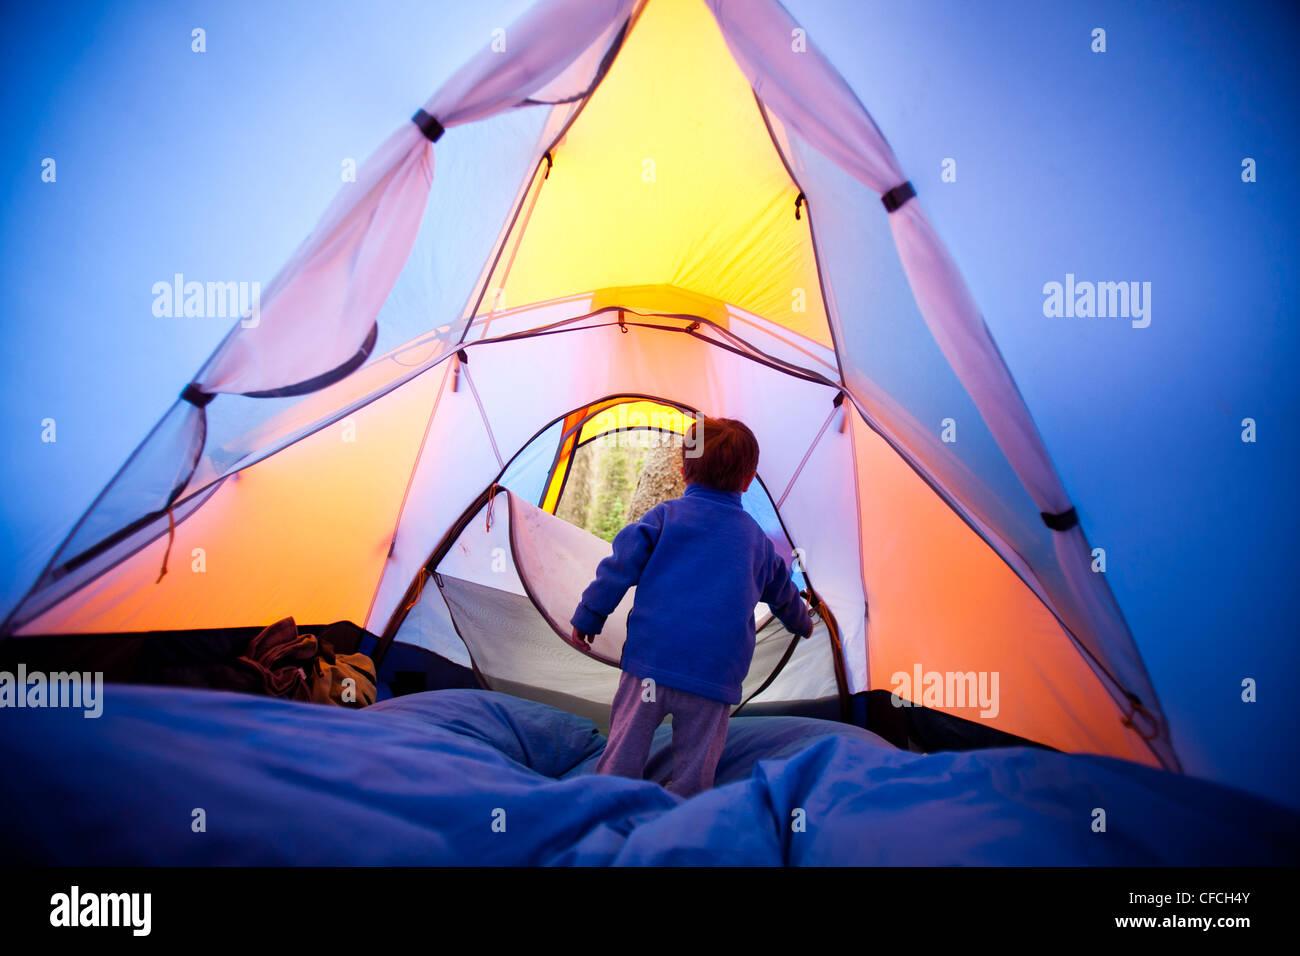 ein kleiner Junge öffnet und schließt die Zelttür mit Reißverschluss, während er auf einen Stockbild